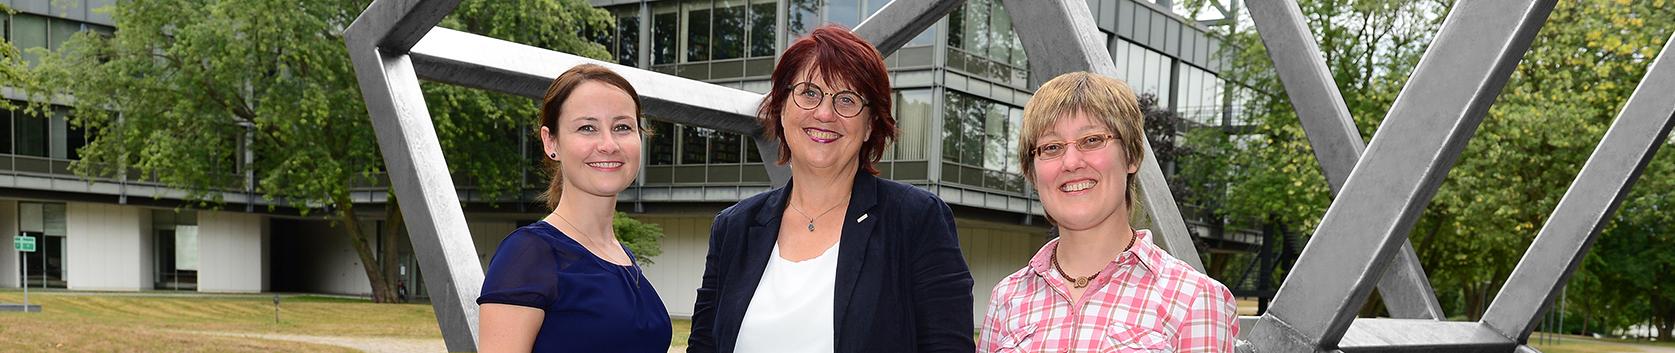 Gleichstellungsbeauftragte der Helmut-Schmidt-Universität